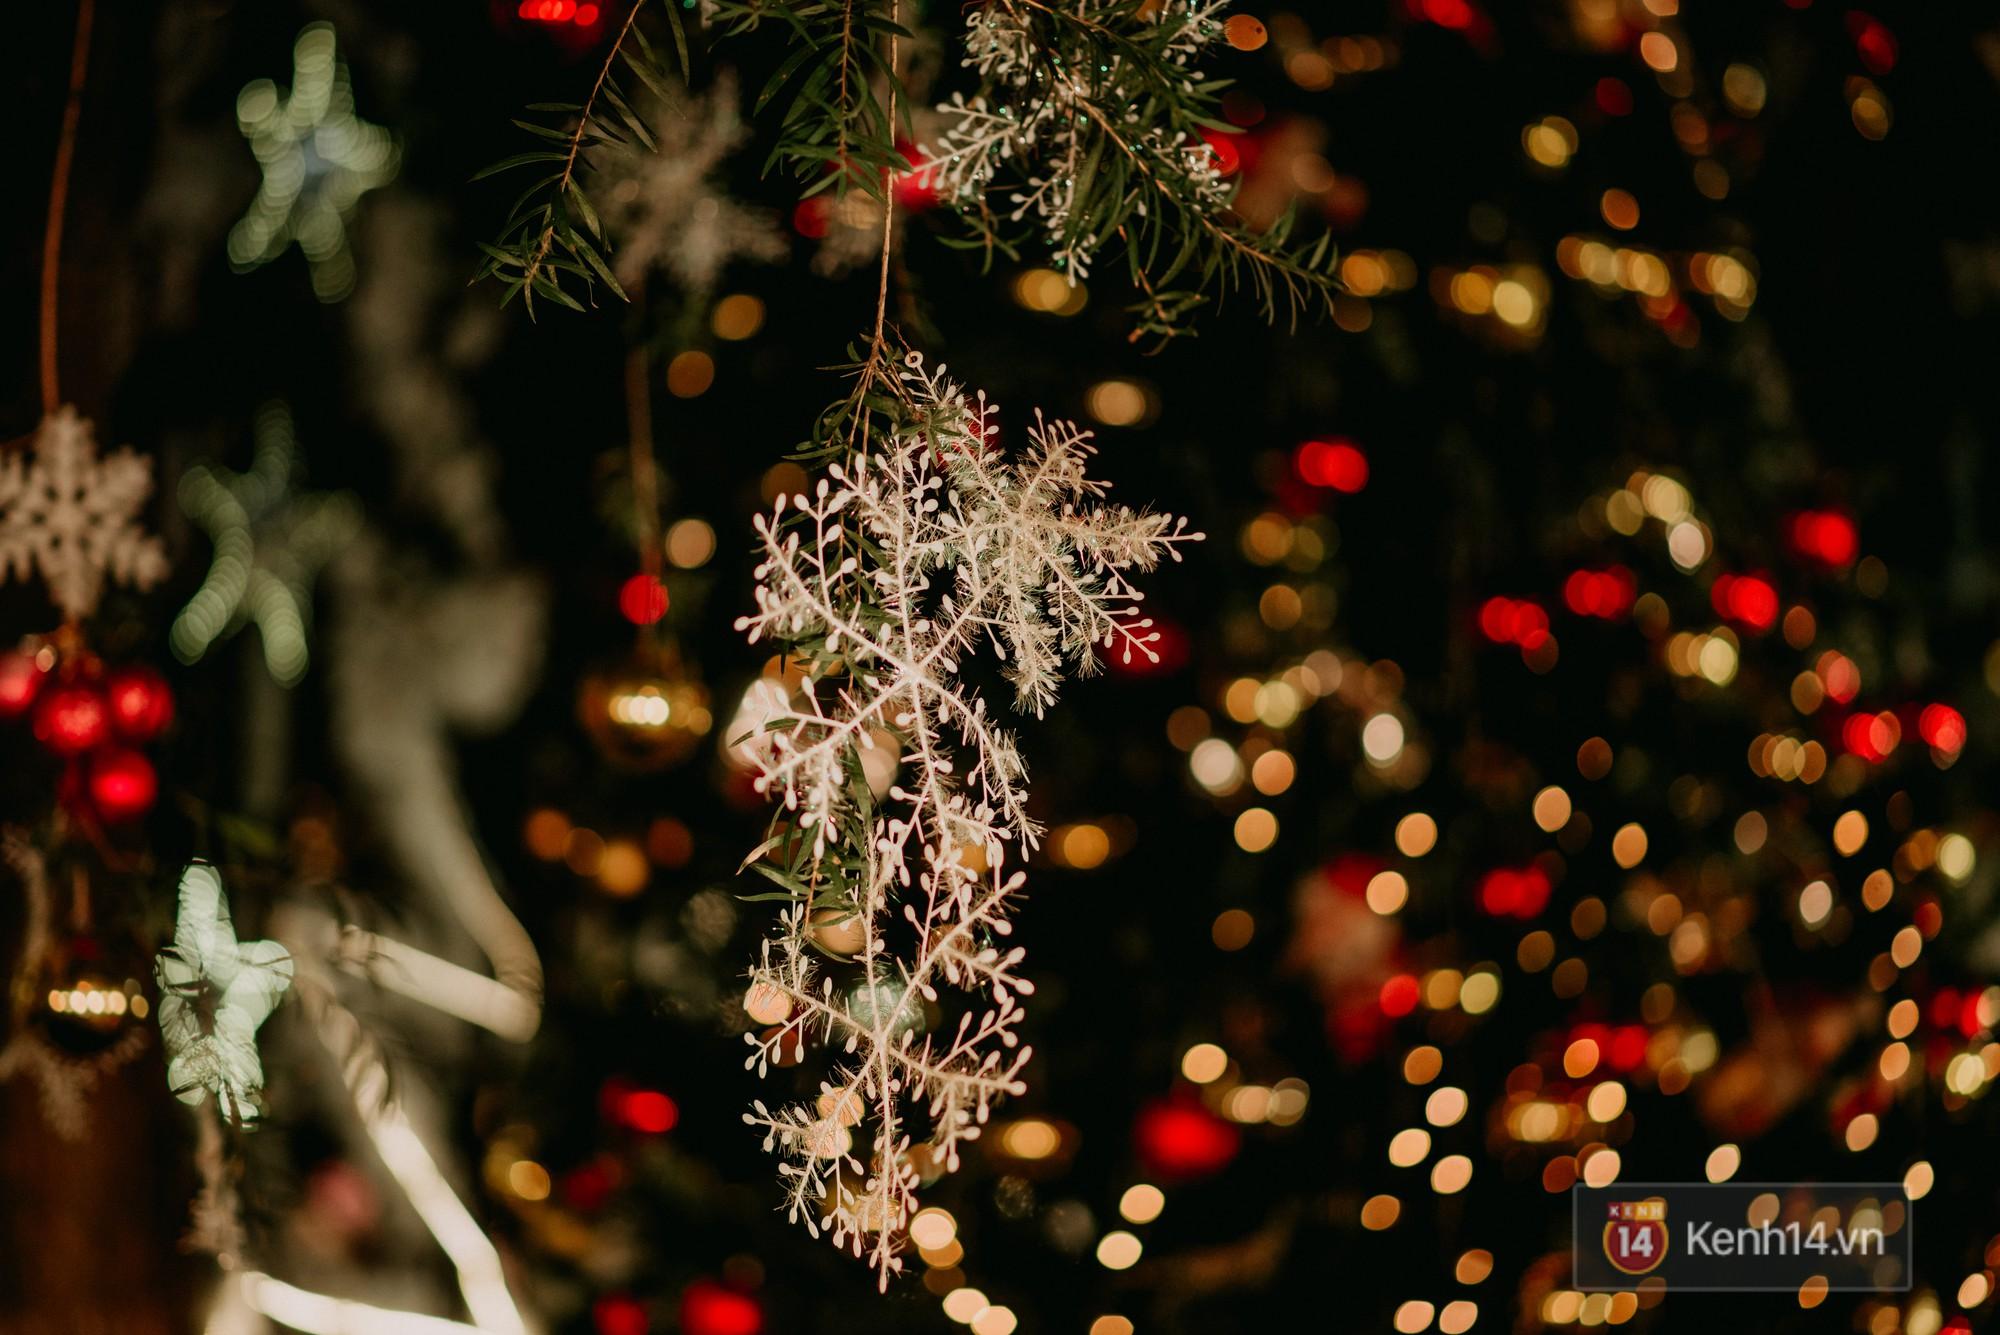 Trường ĐH con nhà giàu này đang là trường trang trí Noel đẹp nhất nước, có máy phun tuyết nhân tạo, tha hồ sống ảo - Ảnh 15.